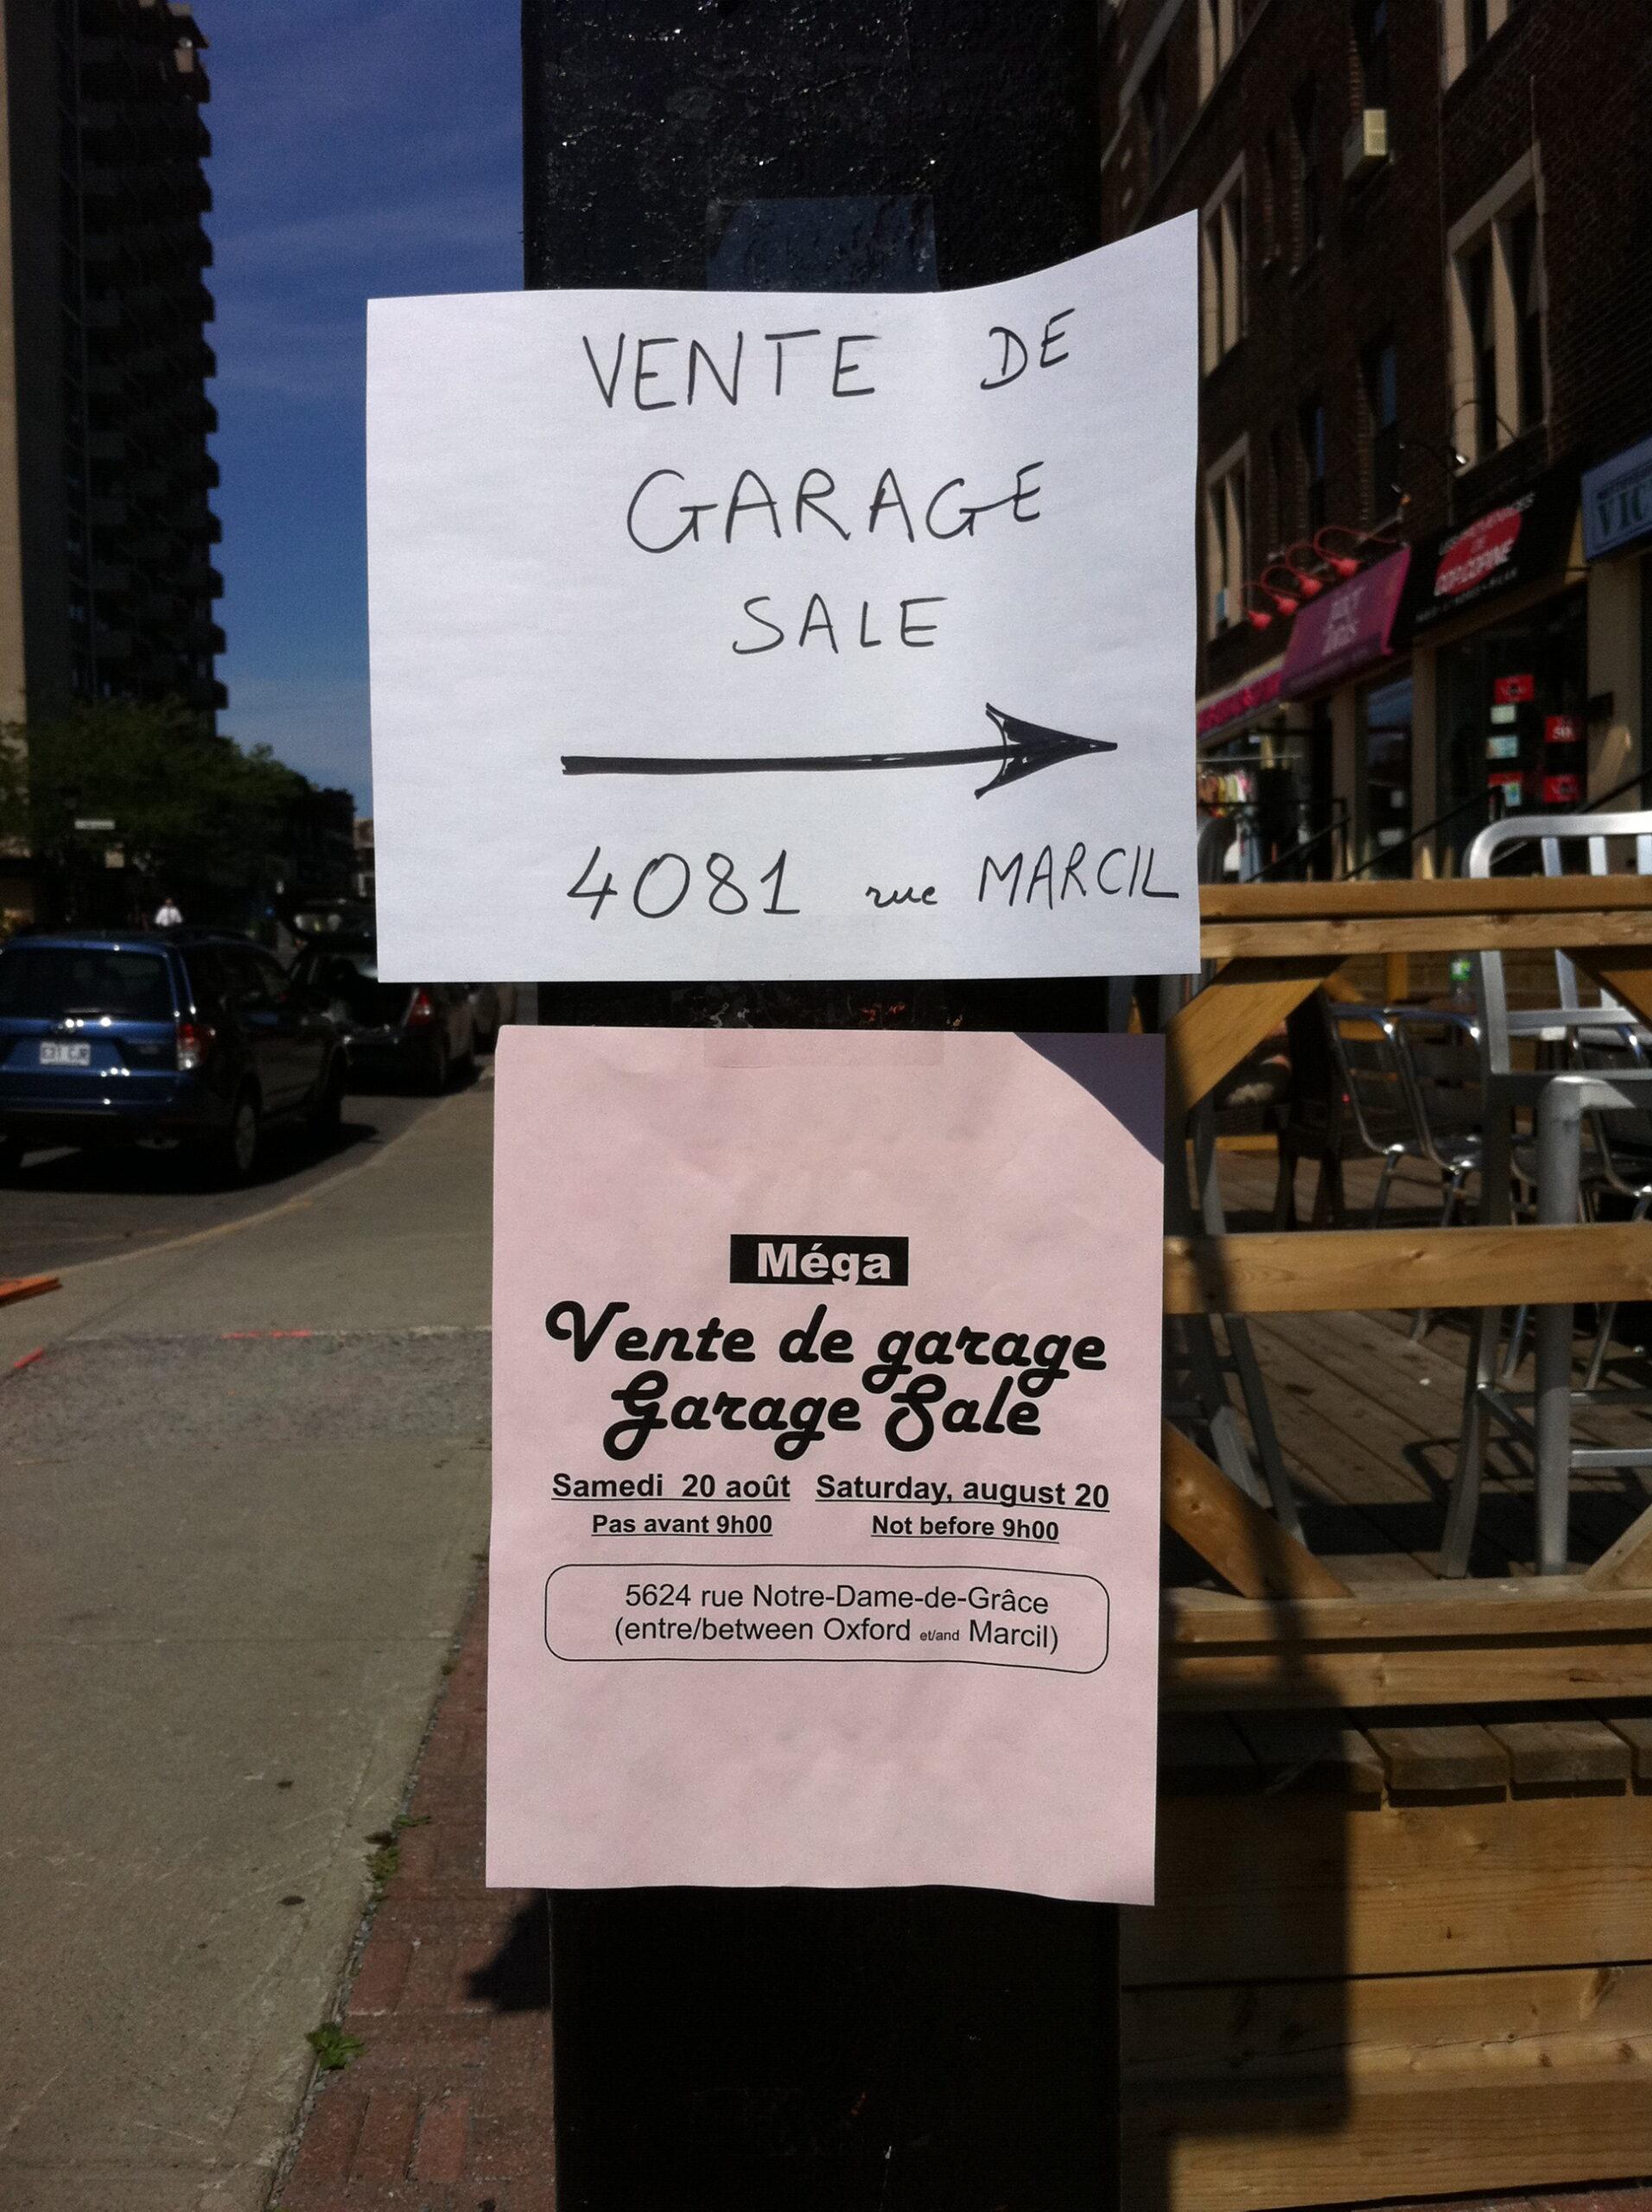 Annonces de ventes de garage, Montréal, 2011